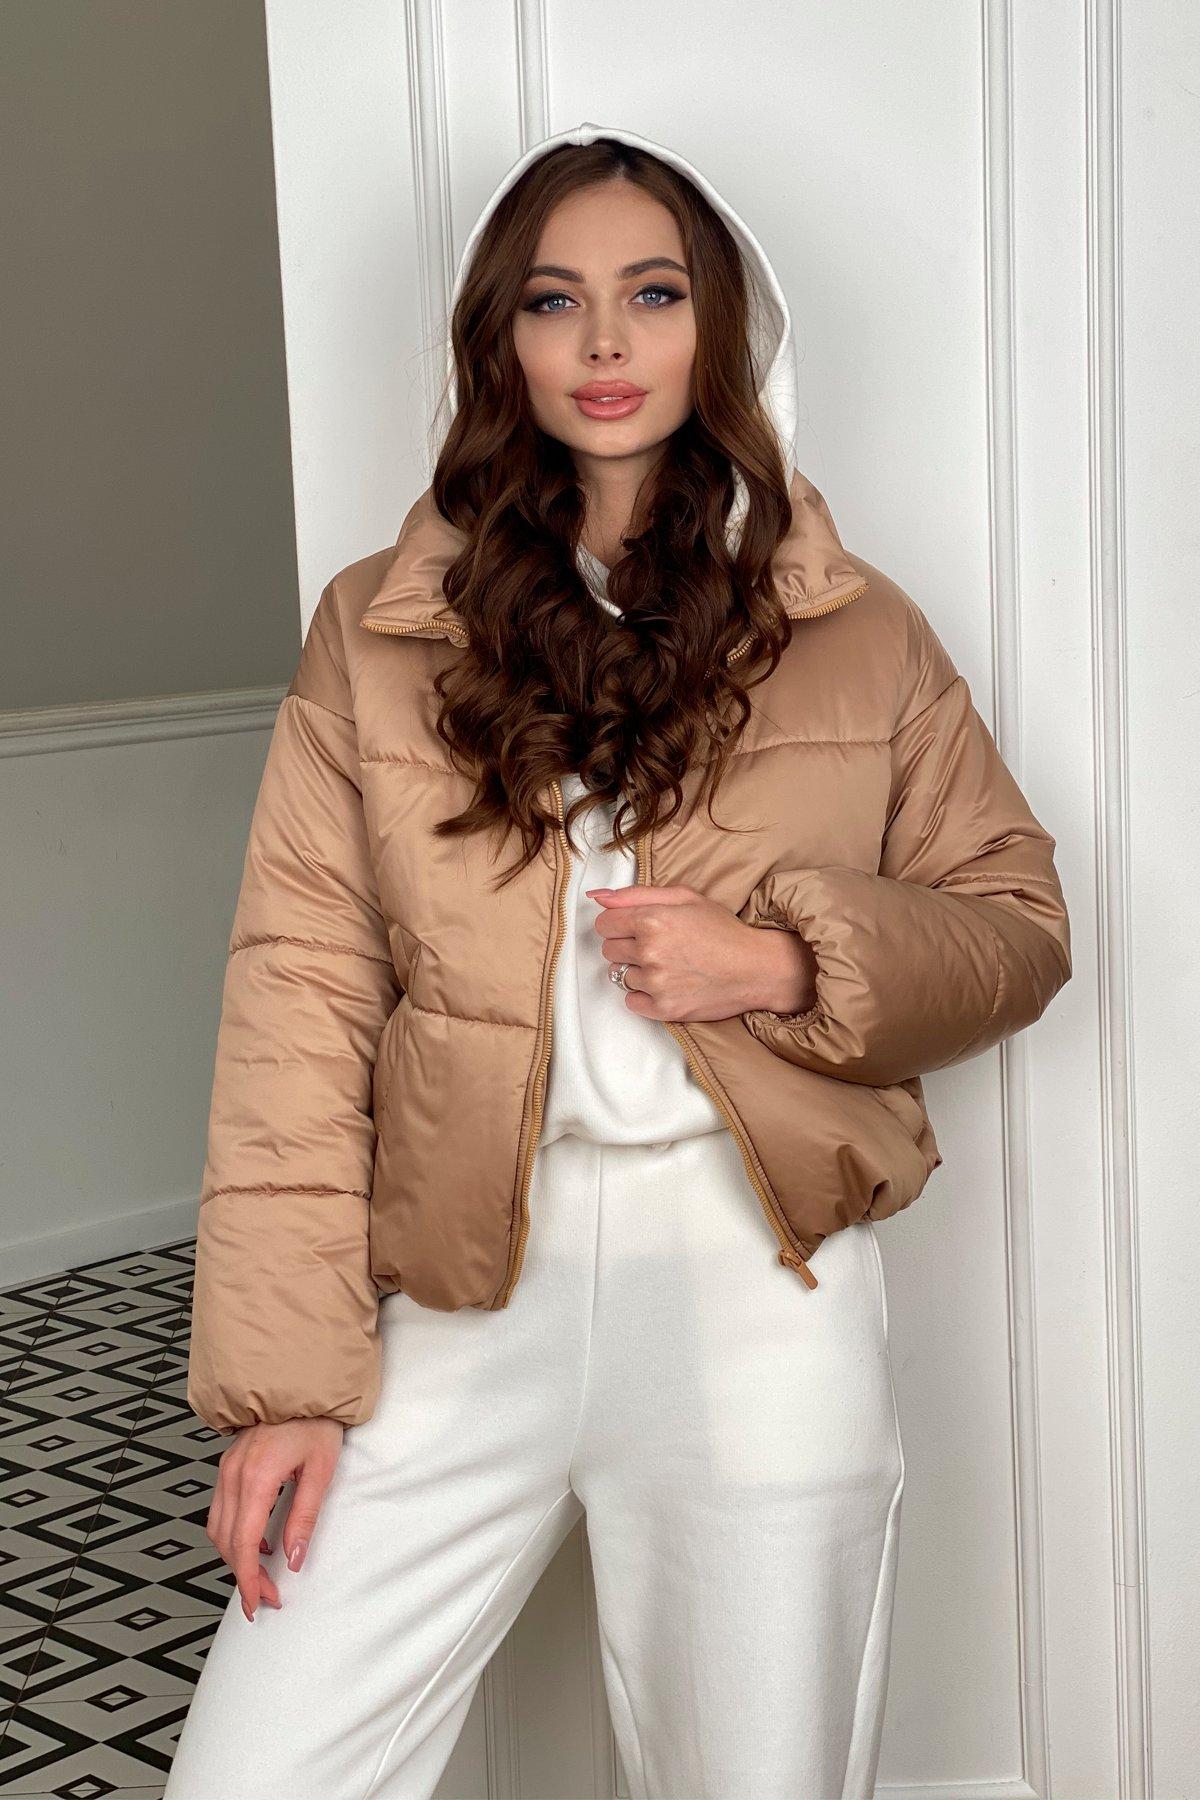 Драйв куртка из плащевой матовой ткани  10232 АРТ. 46523 Цвет: Кемел - фото 1, интернет магазин tm-modus.ru